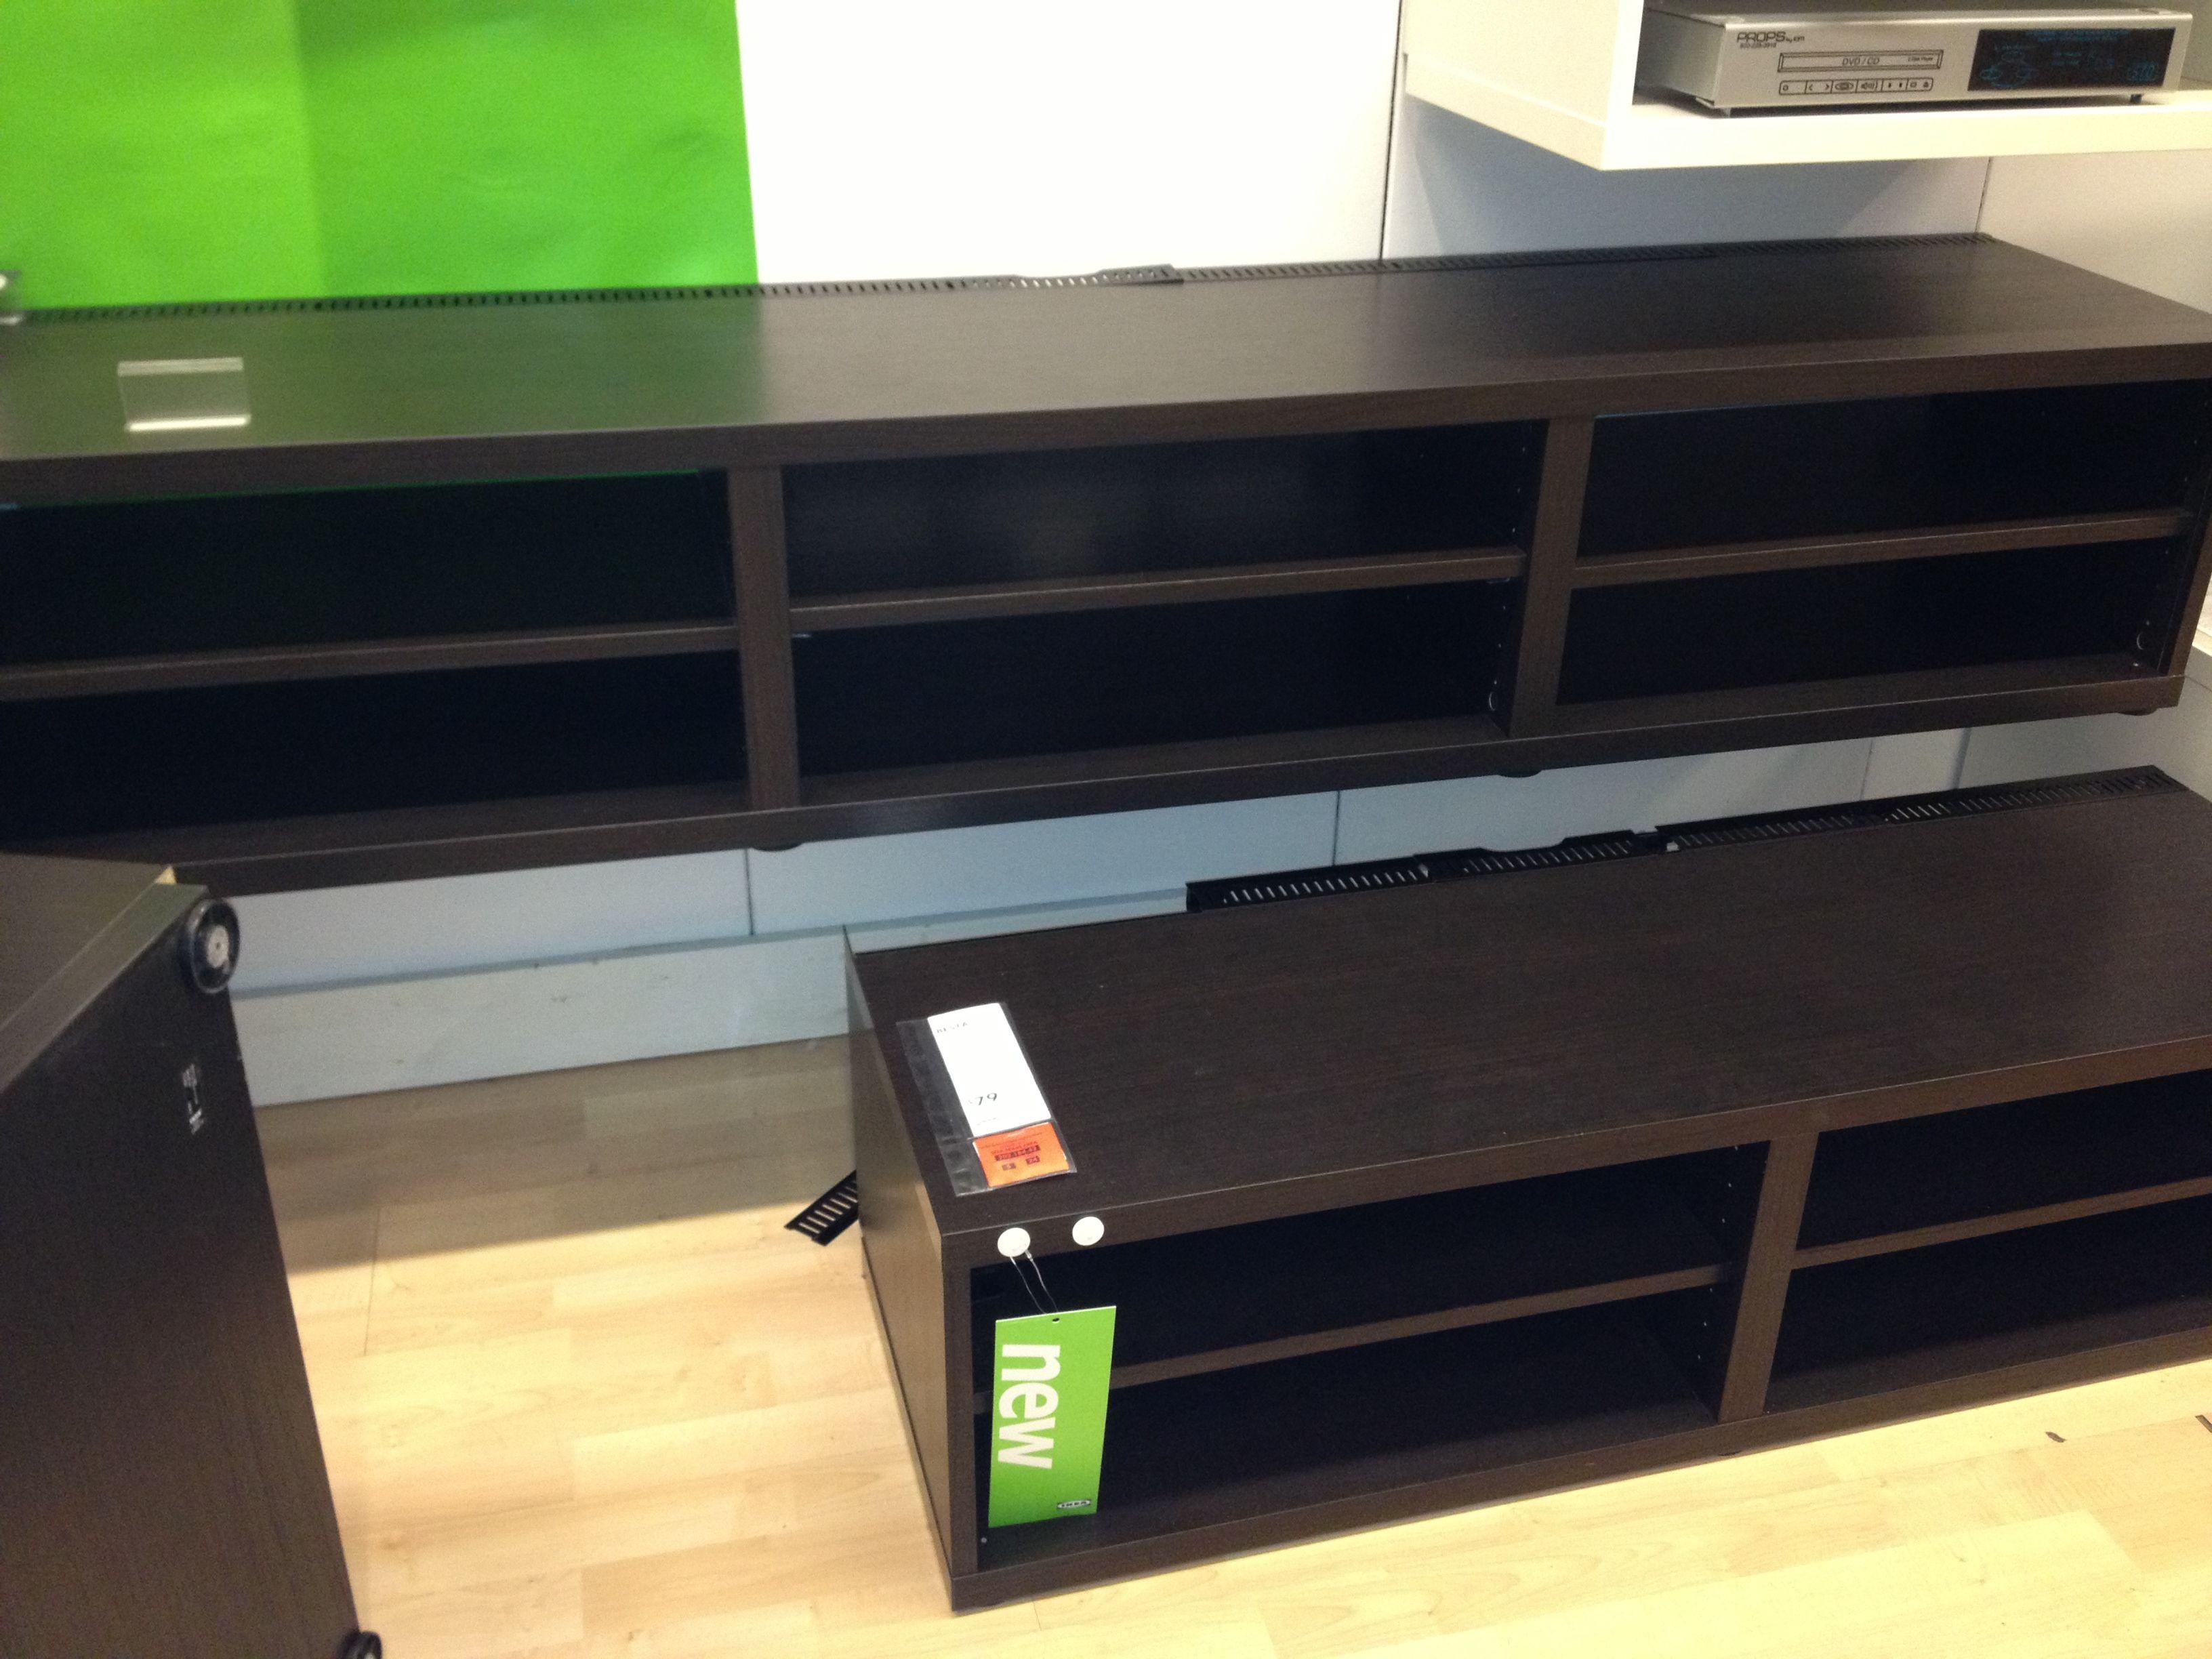 share. Black Bedroom Furniture Sets. Home Design Ideas